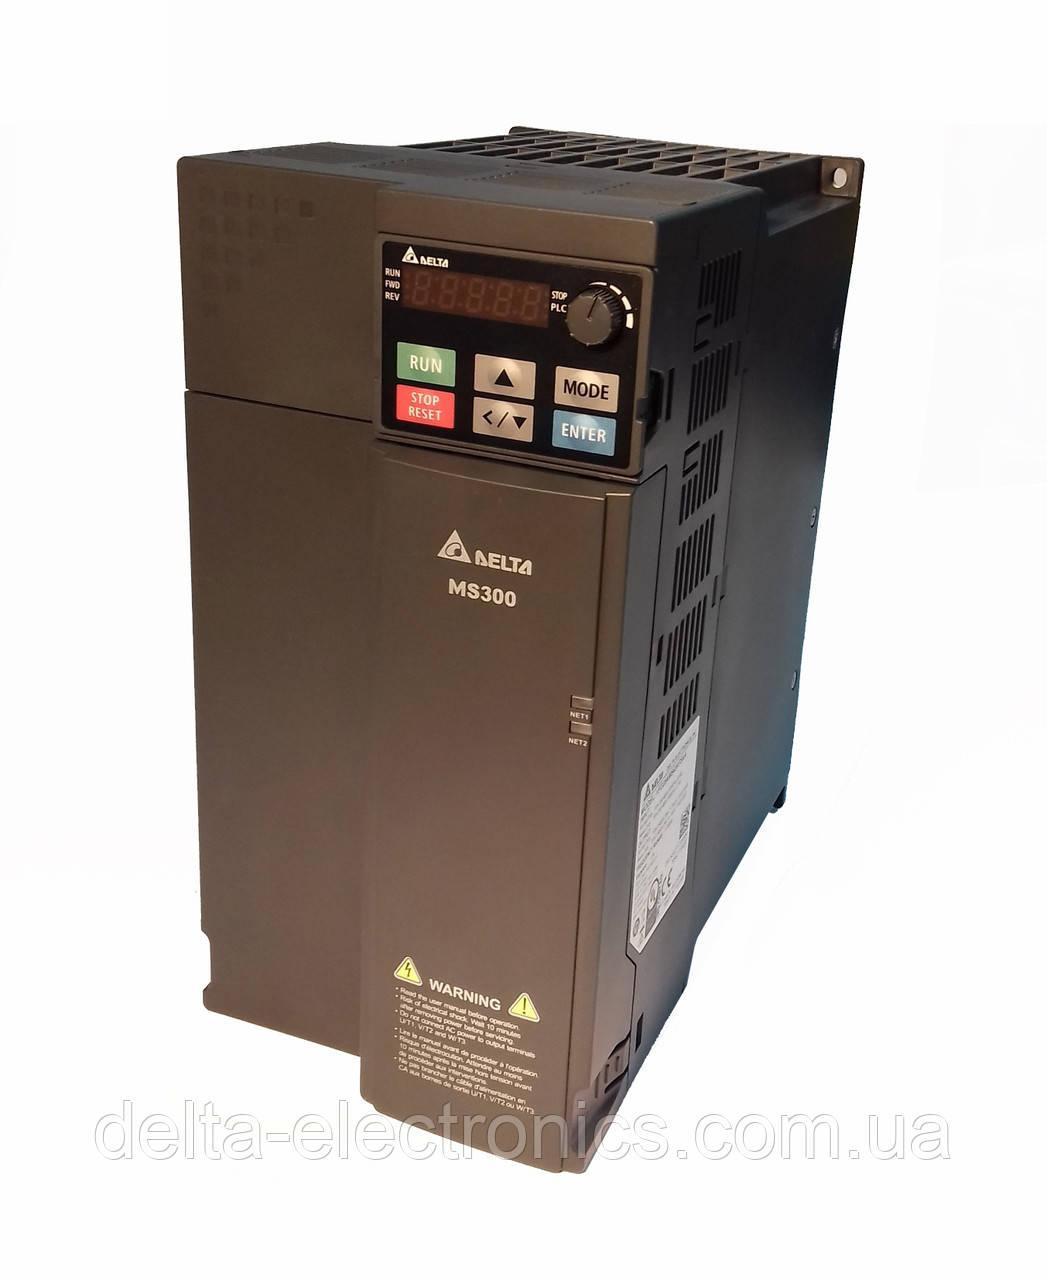 Перетворювач частоти MS300, 3х380В, 18,5 кВт, 38/41,5 А, ЕМС С2 фільтр, векторний, c ПЛК, VFD38AMS43AFSAA